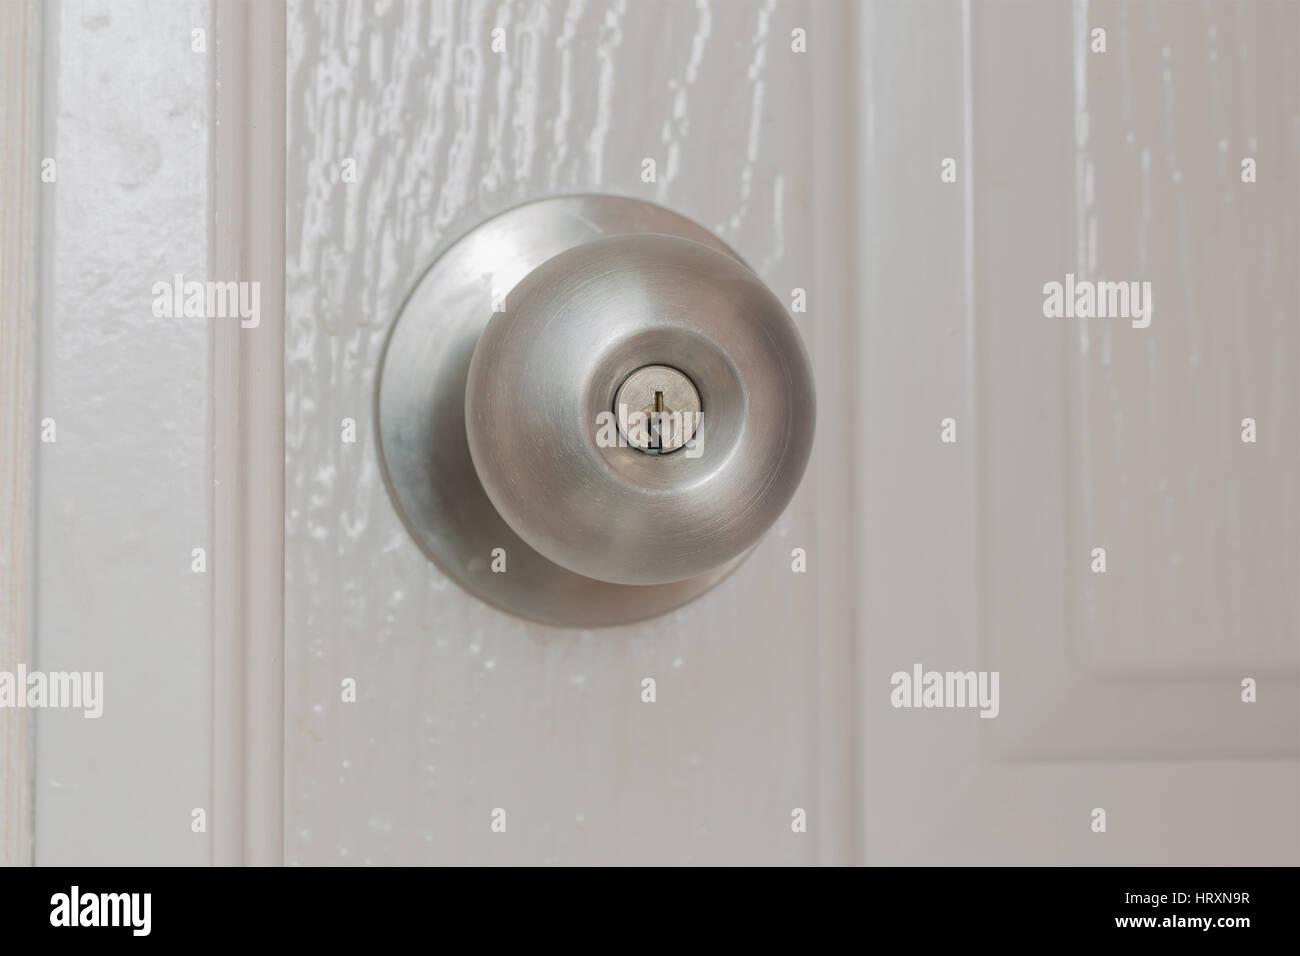 Hermoso balón redondo de acero tainless pomo de la puerta. Foto de stock